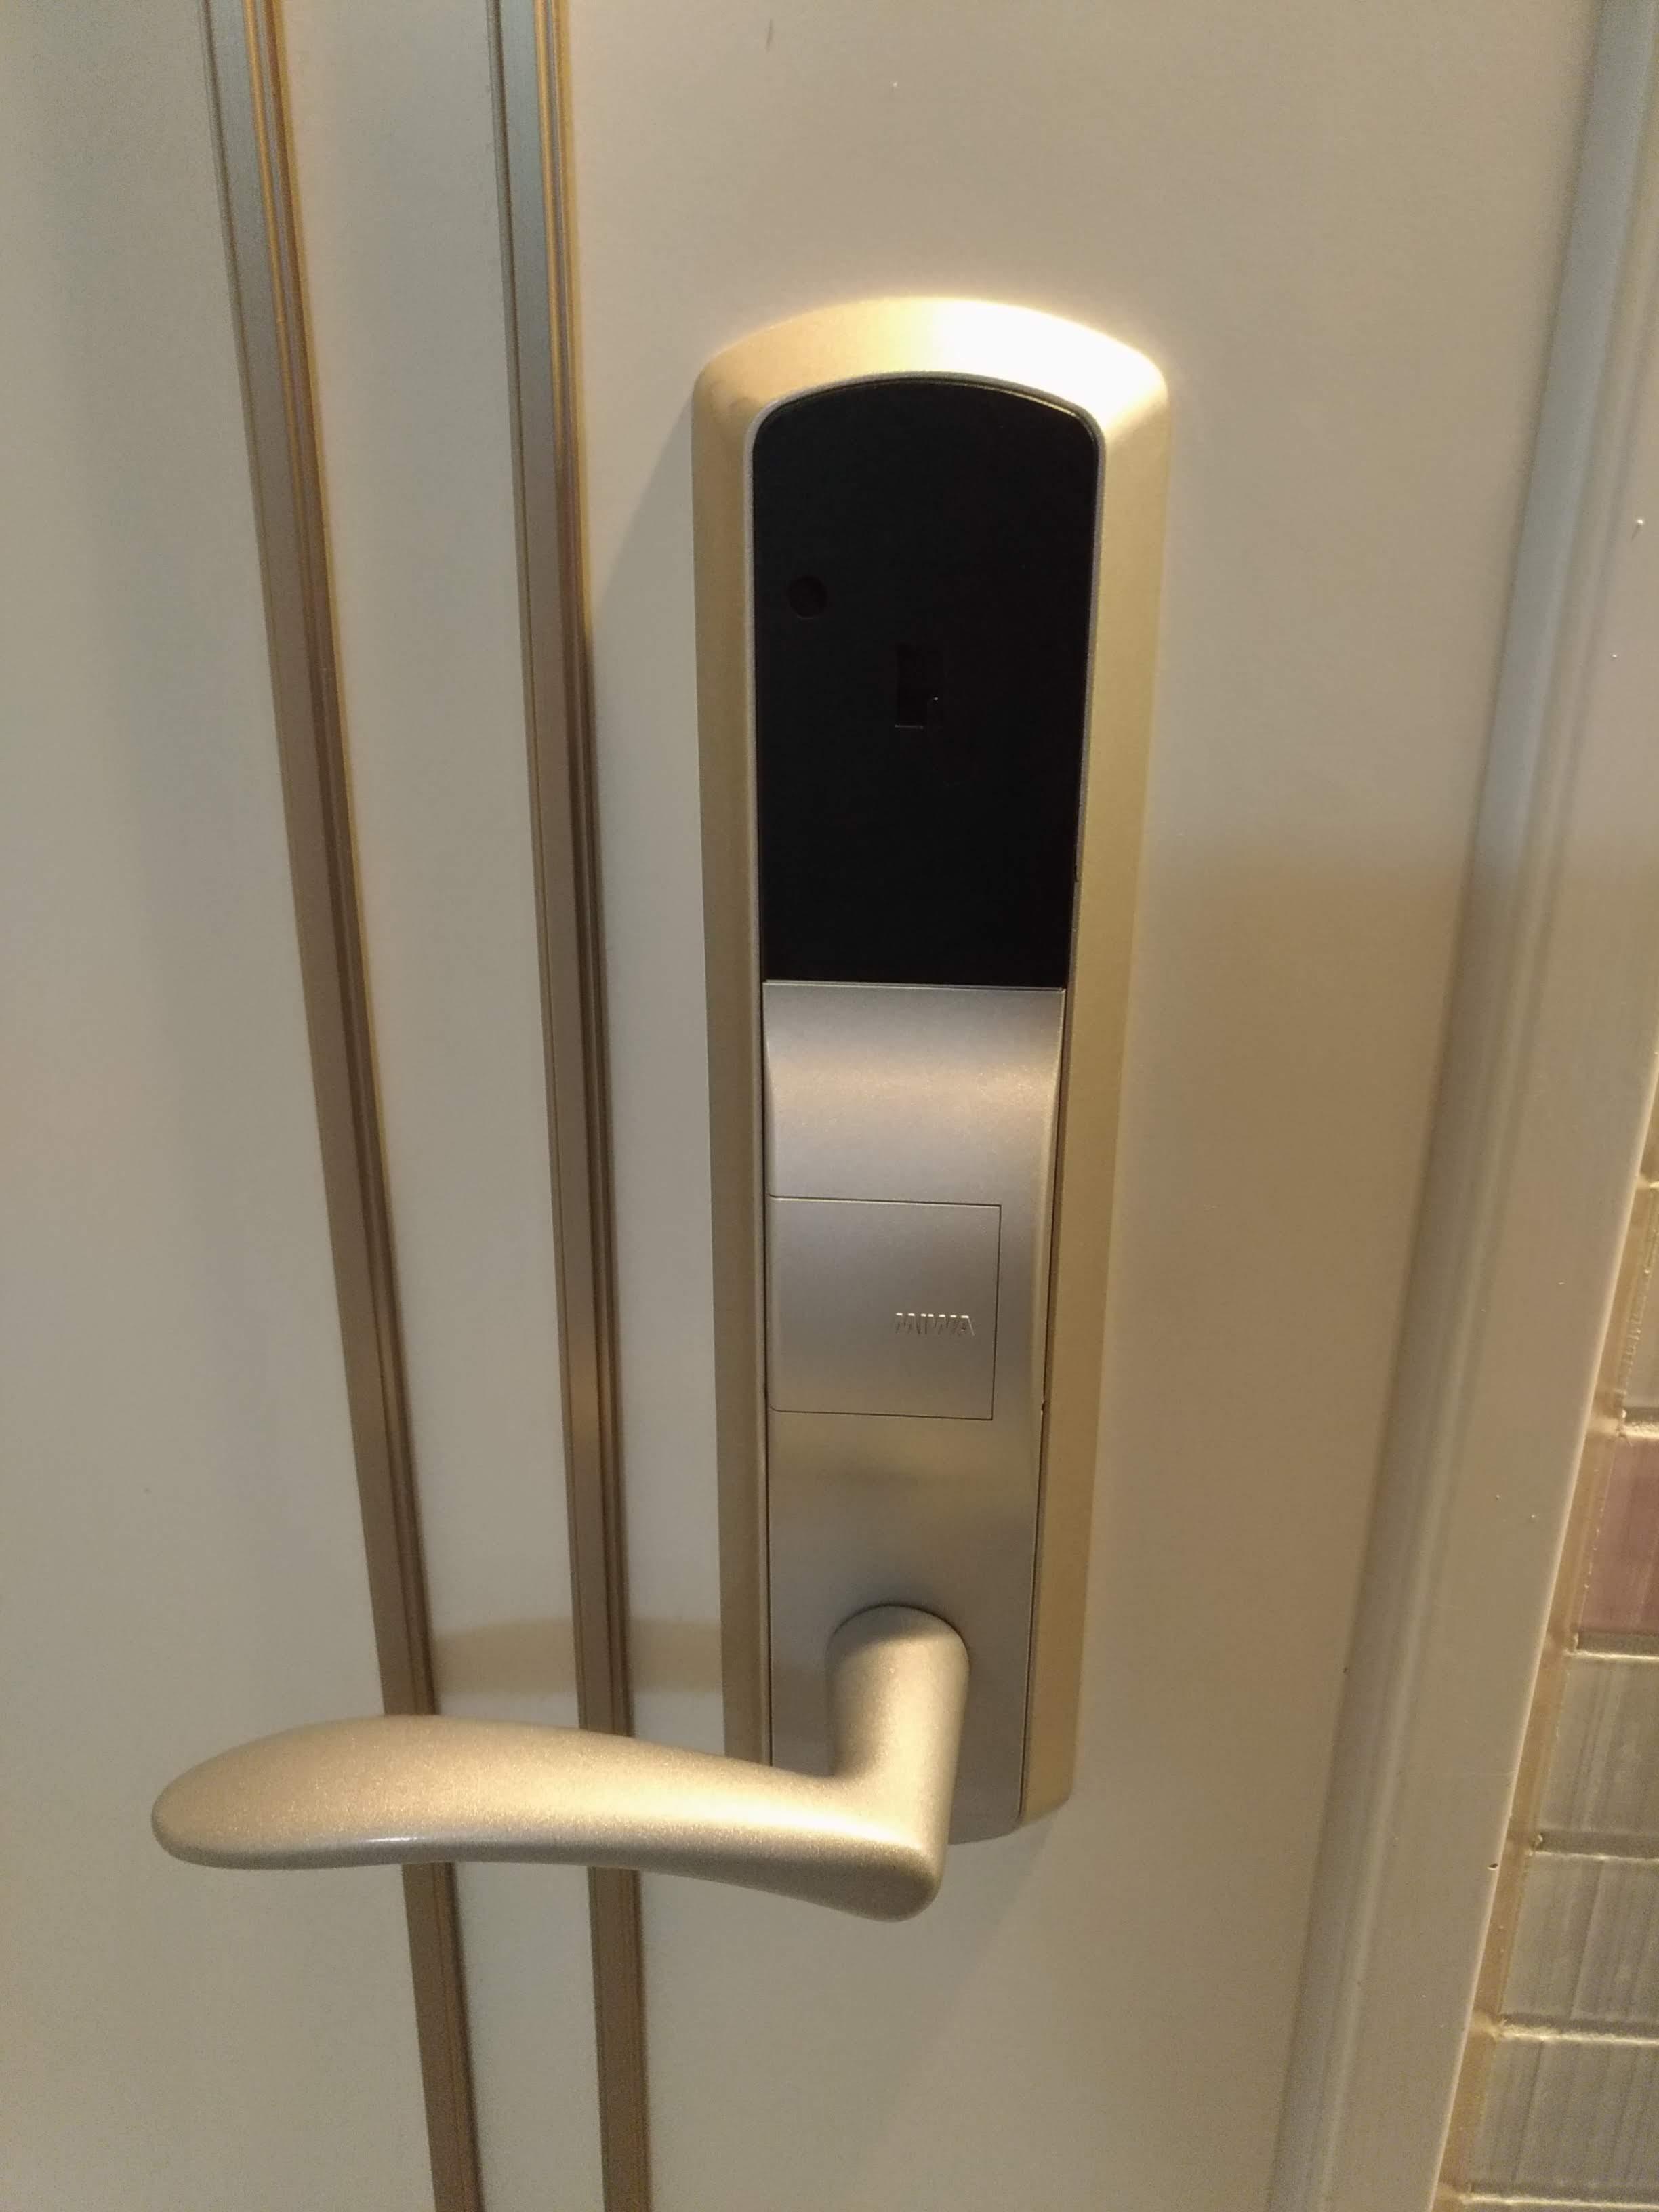 レバーのすぐ上にあるカバーを外すと非常解錠用シリンダーがあります。